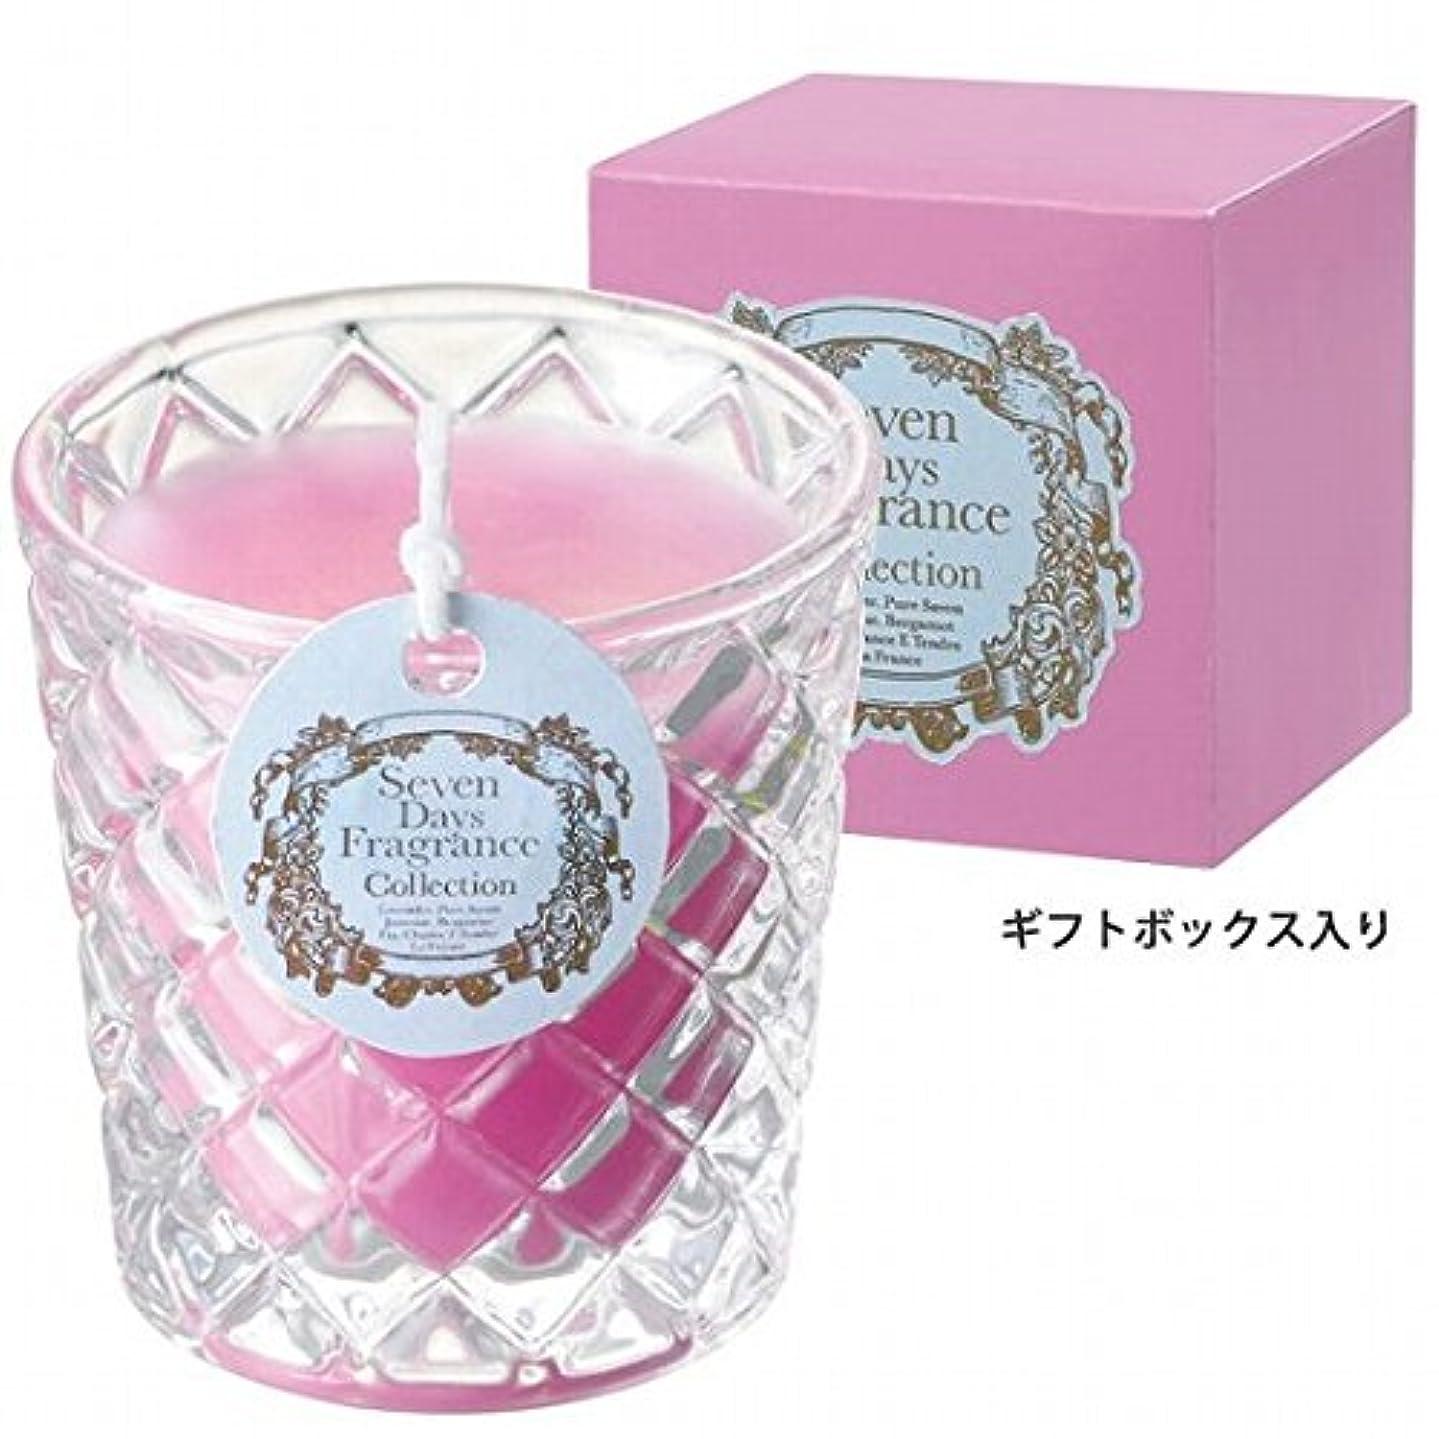 下向き赤道キャプテンカメヤマキャンドル(kameyama candle) セブンデイズグラスキャンドル(金曜日) 「 フローラルブーケ 」